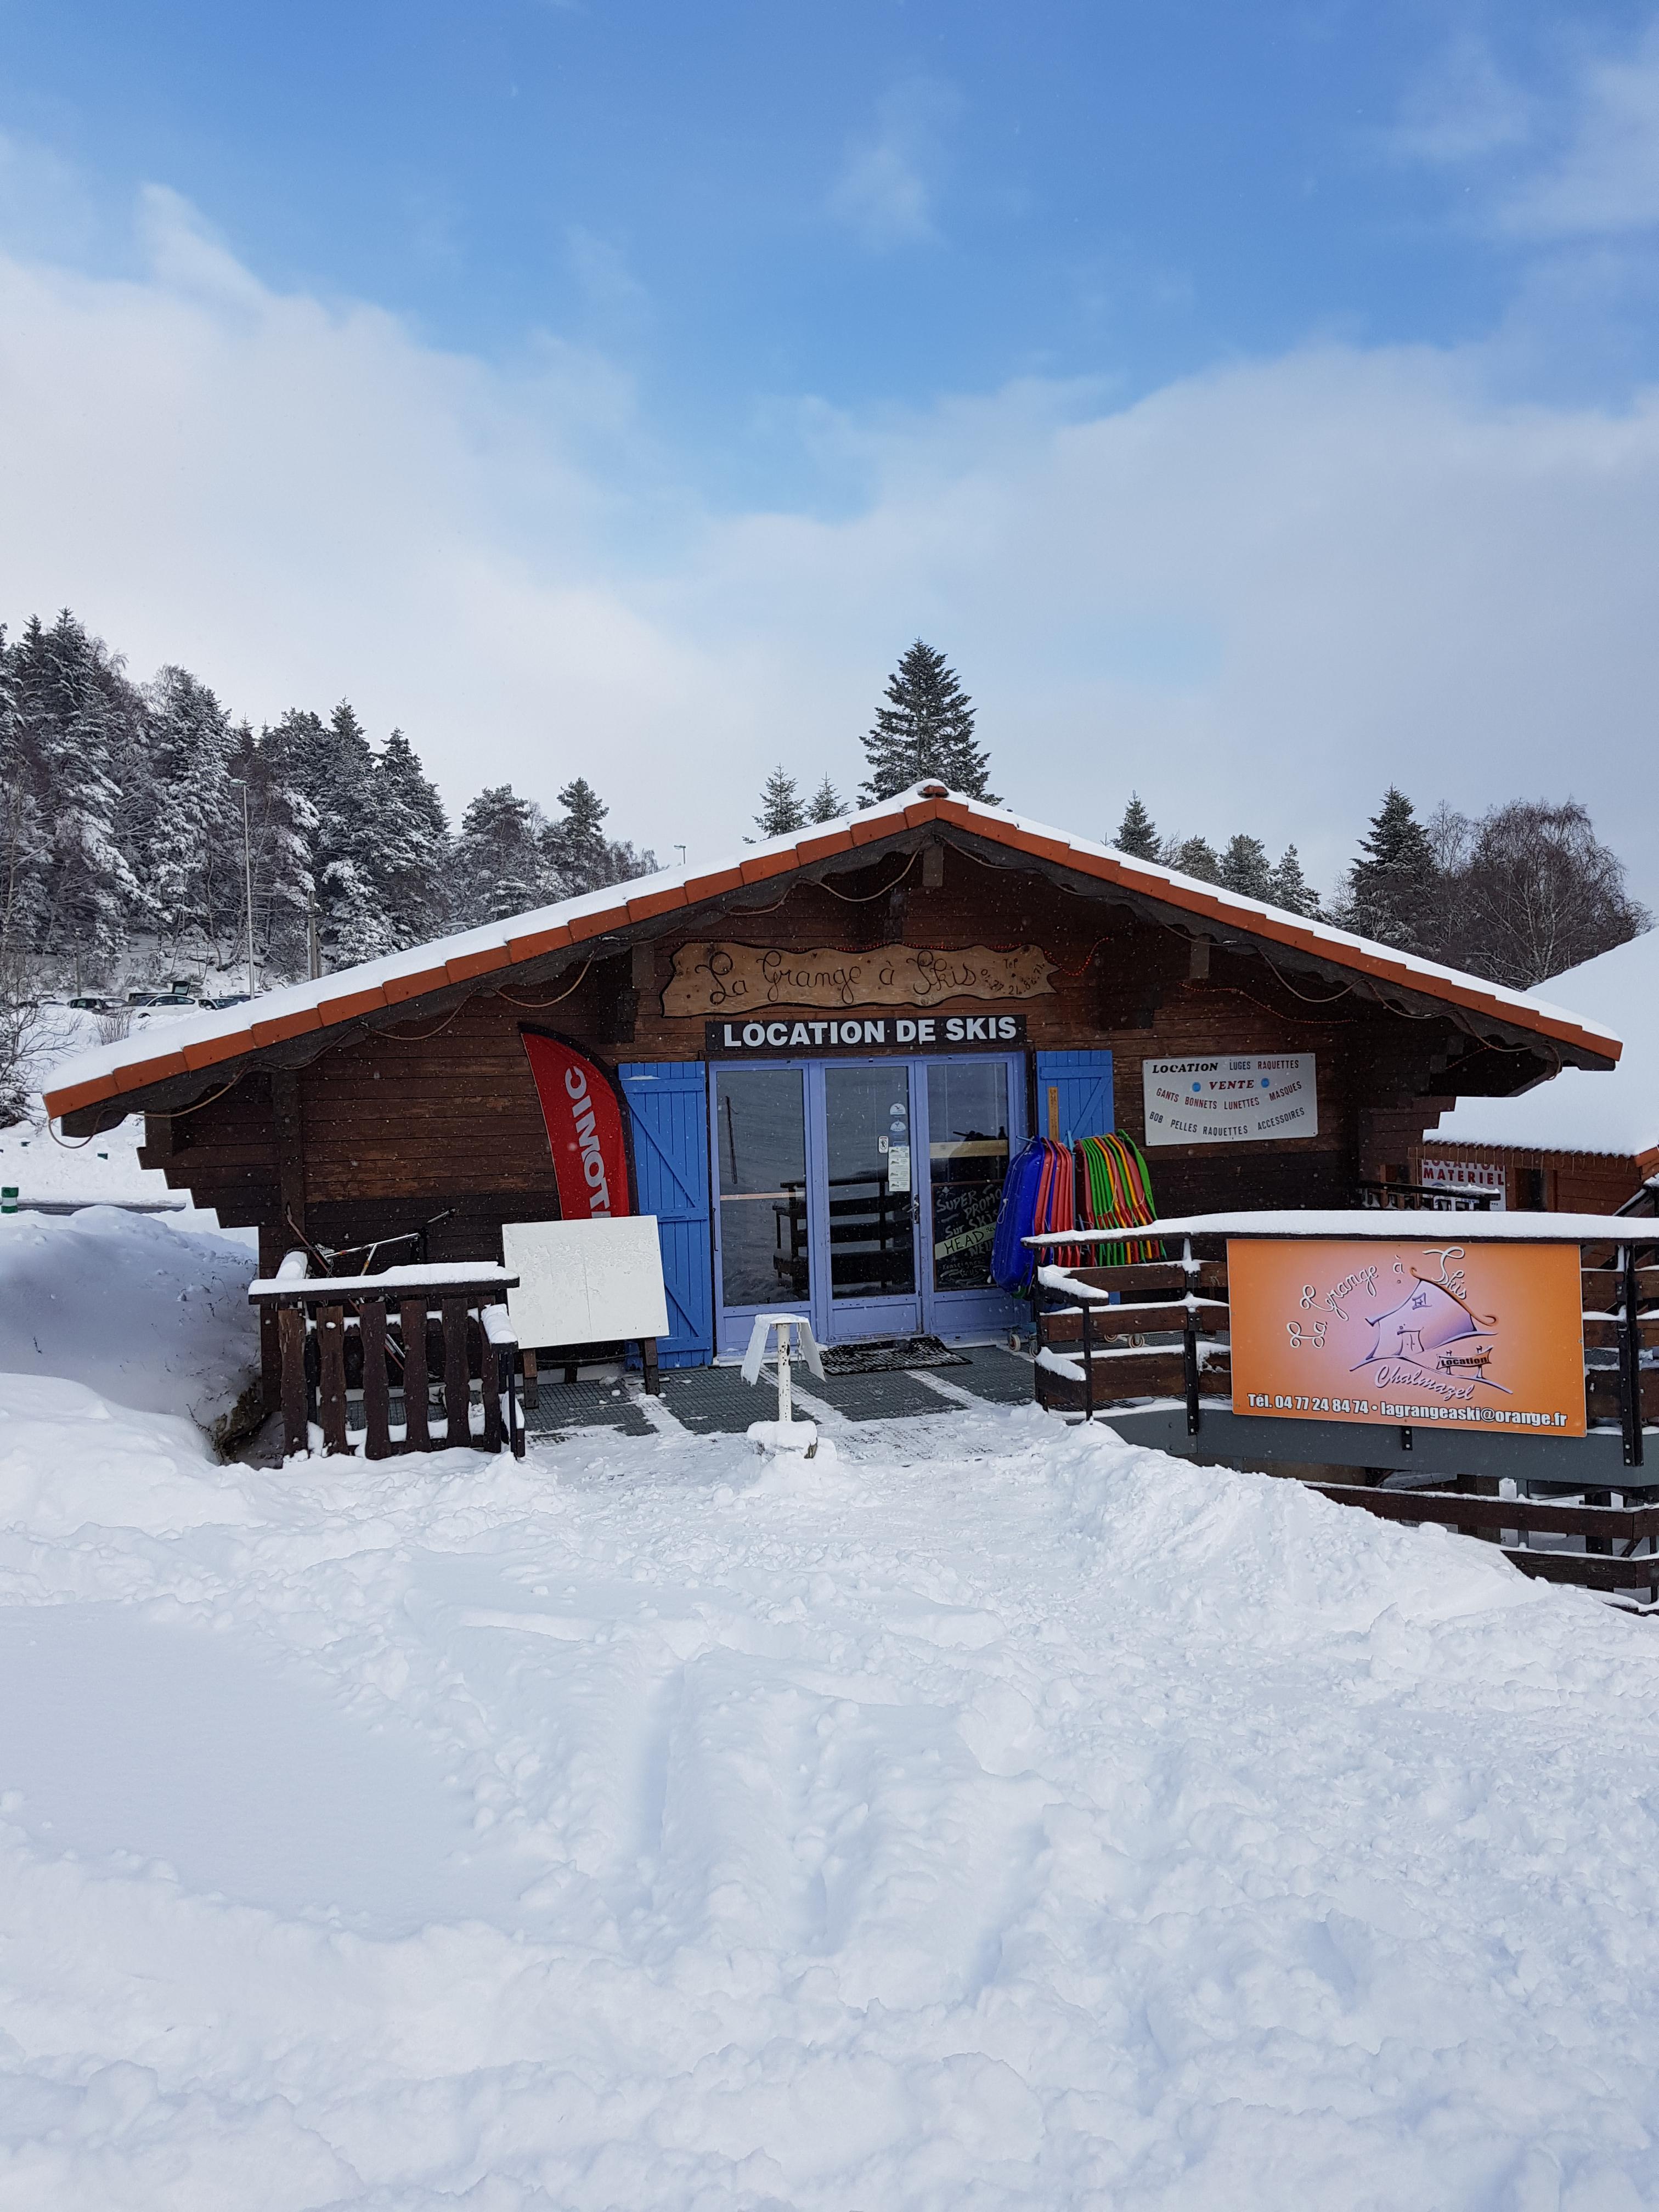 Location de skis - La grange à skis